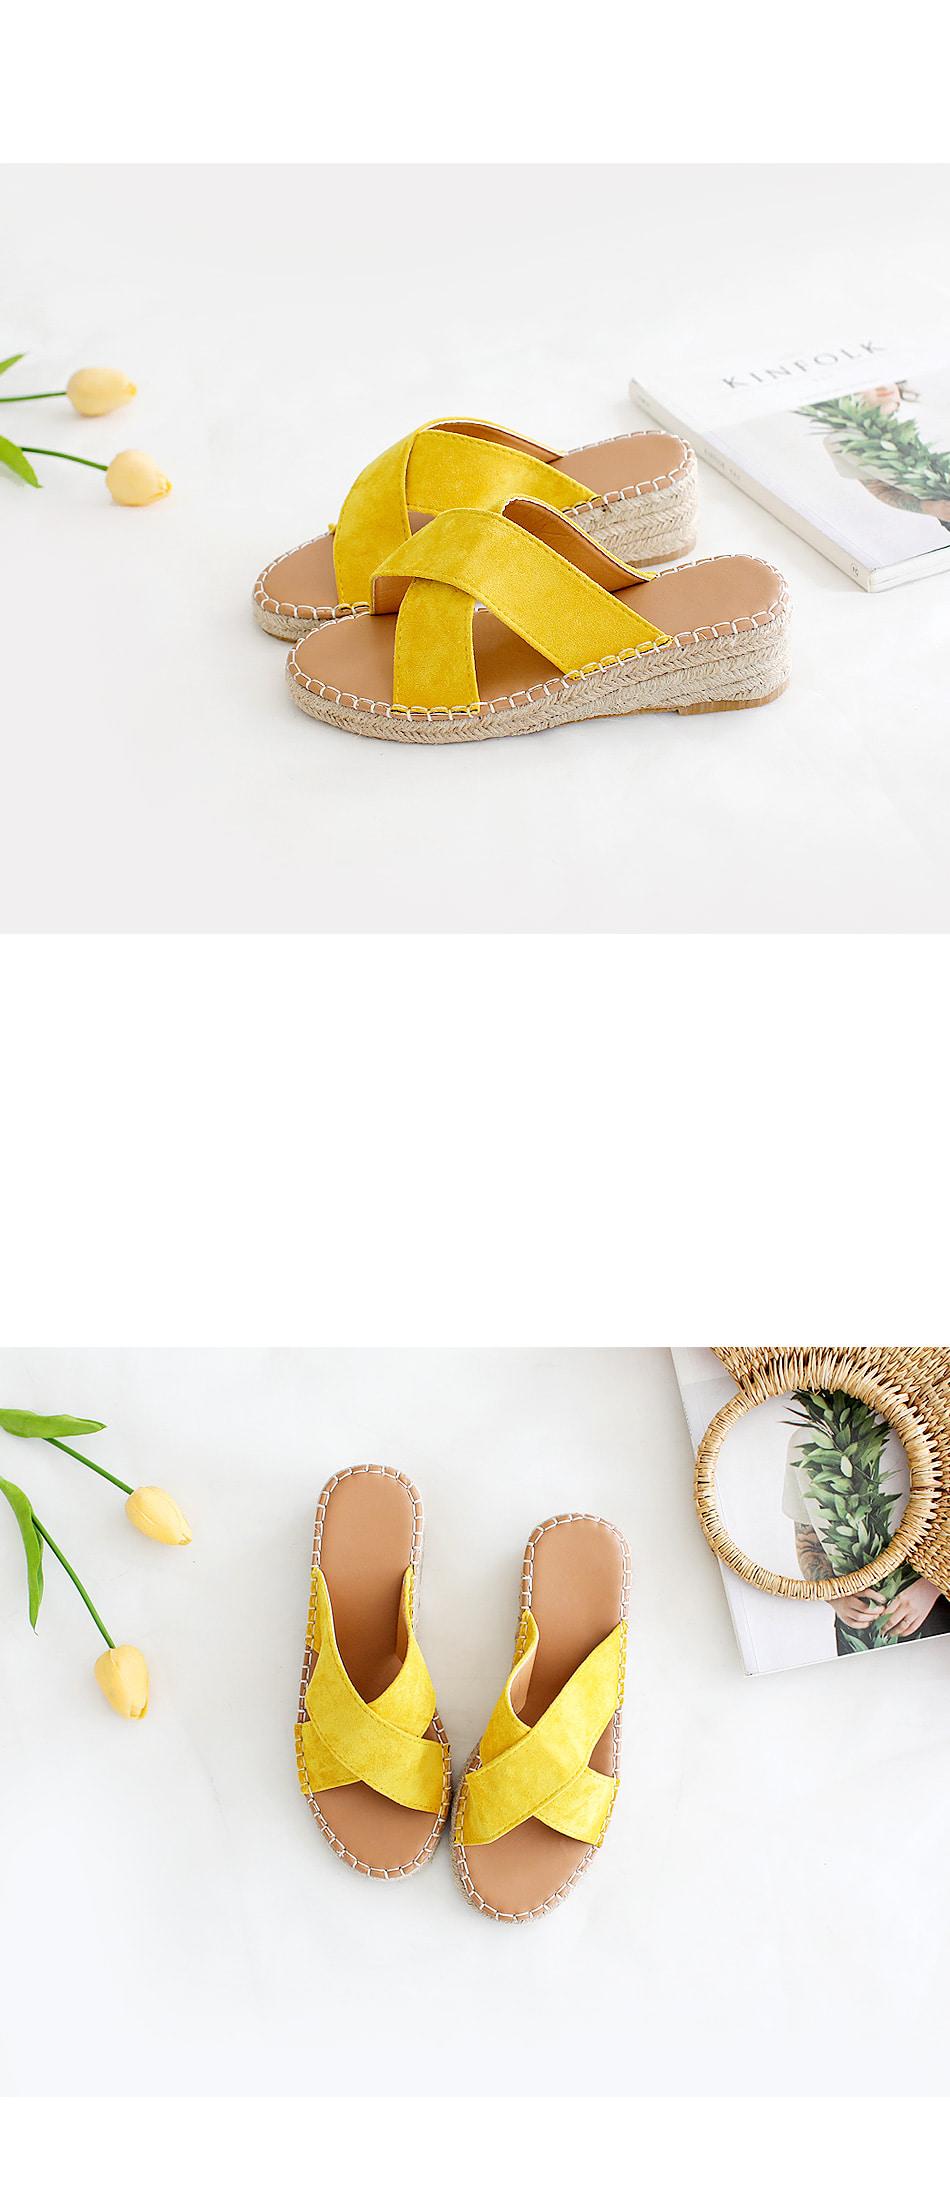 Renne Espaduu Wedge Mule Slippers 4.5cm